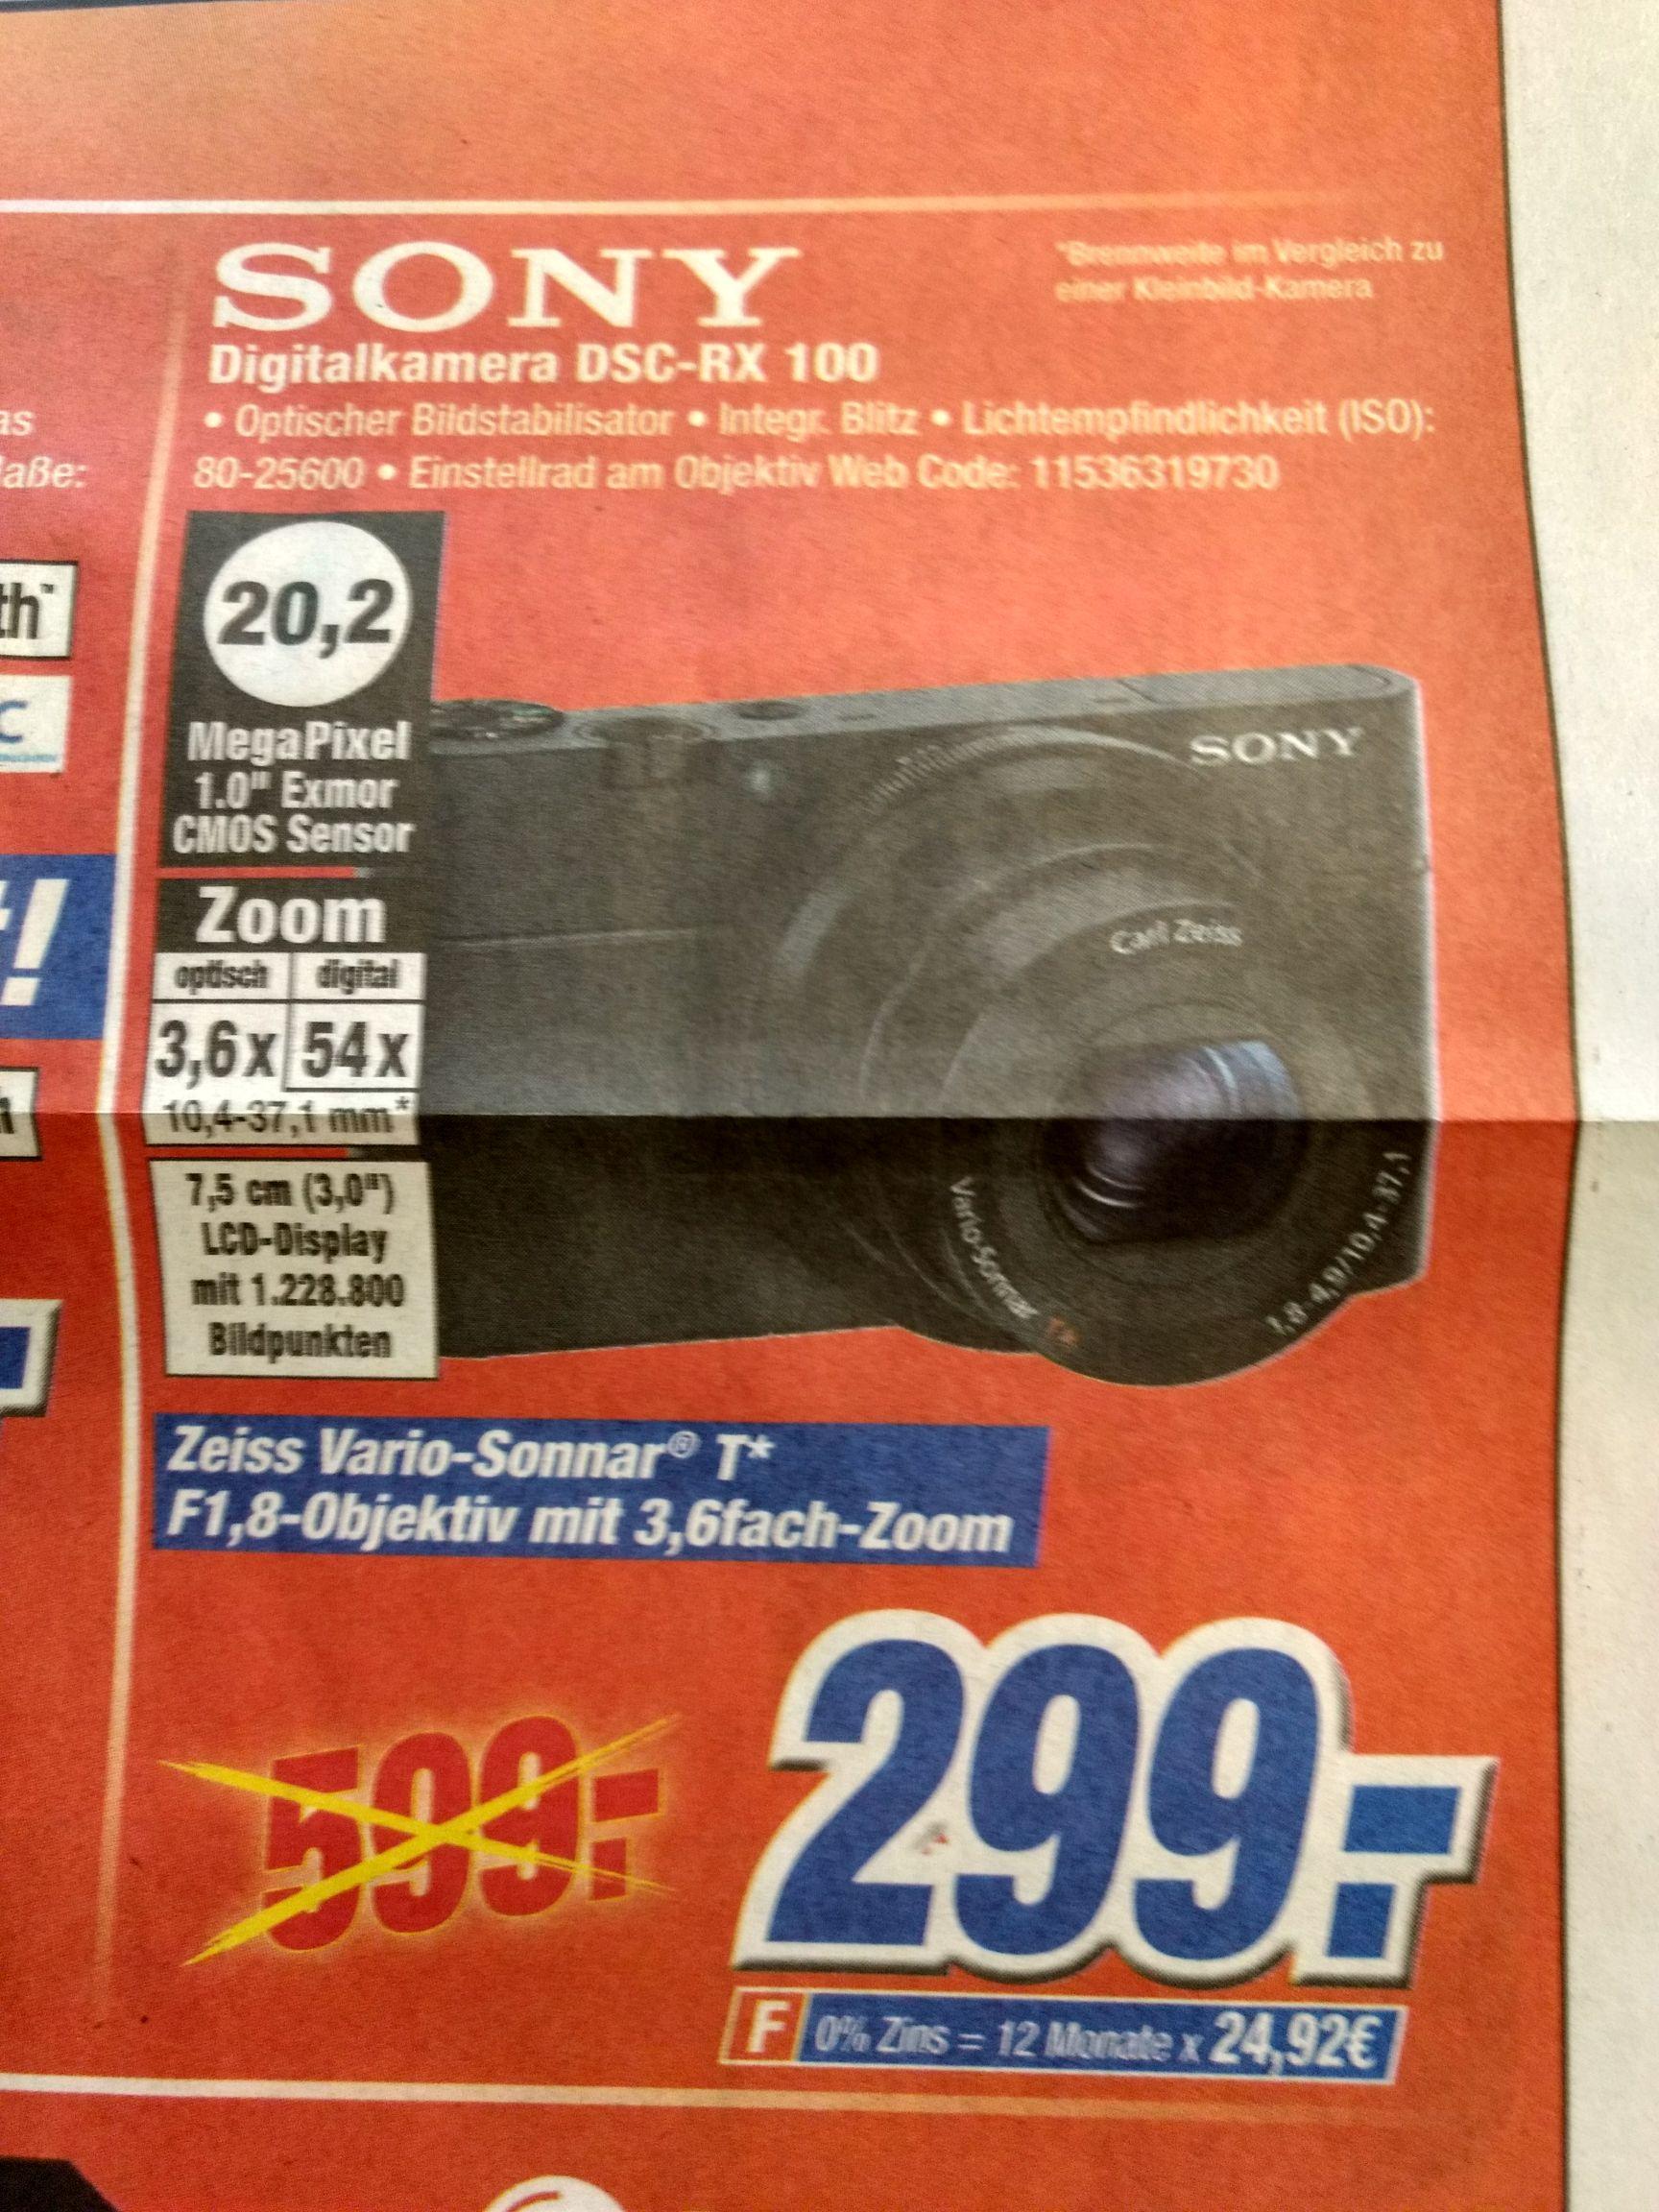 [Lokal] Expert Klein Sony DSC-RX100